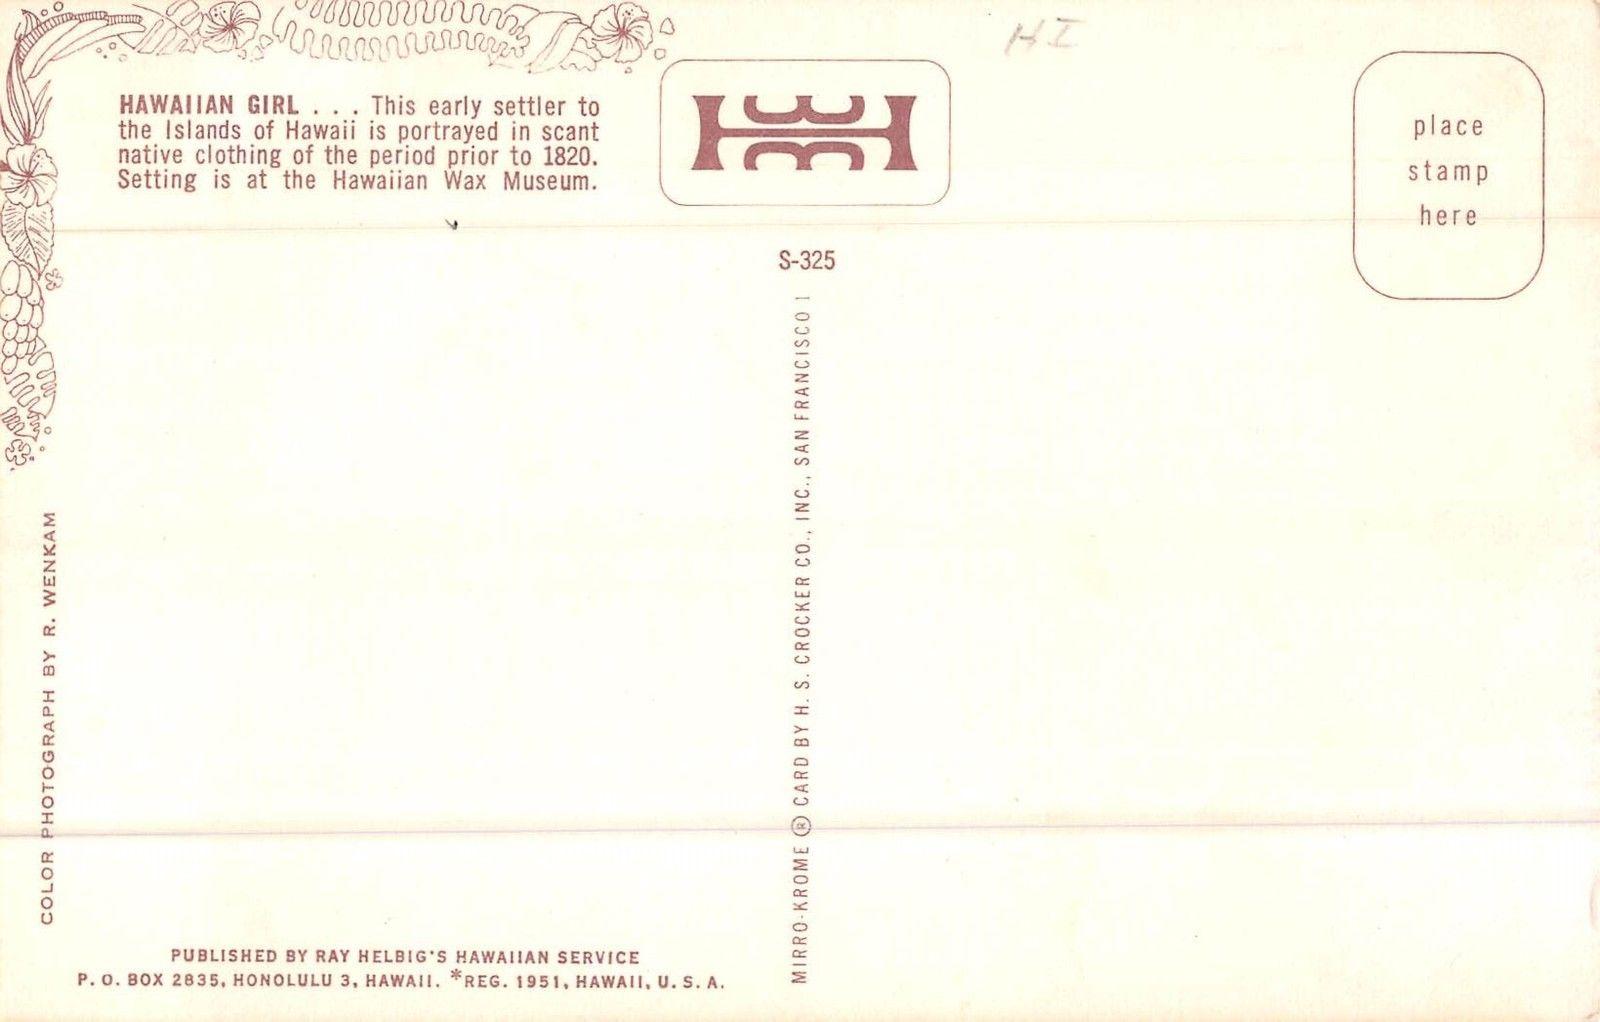 Hawaii Hawaiian Wax Museum Topless Woman Vintage Postcard (J31822)